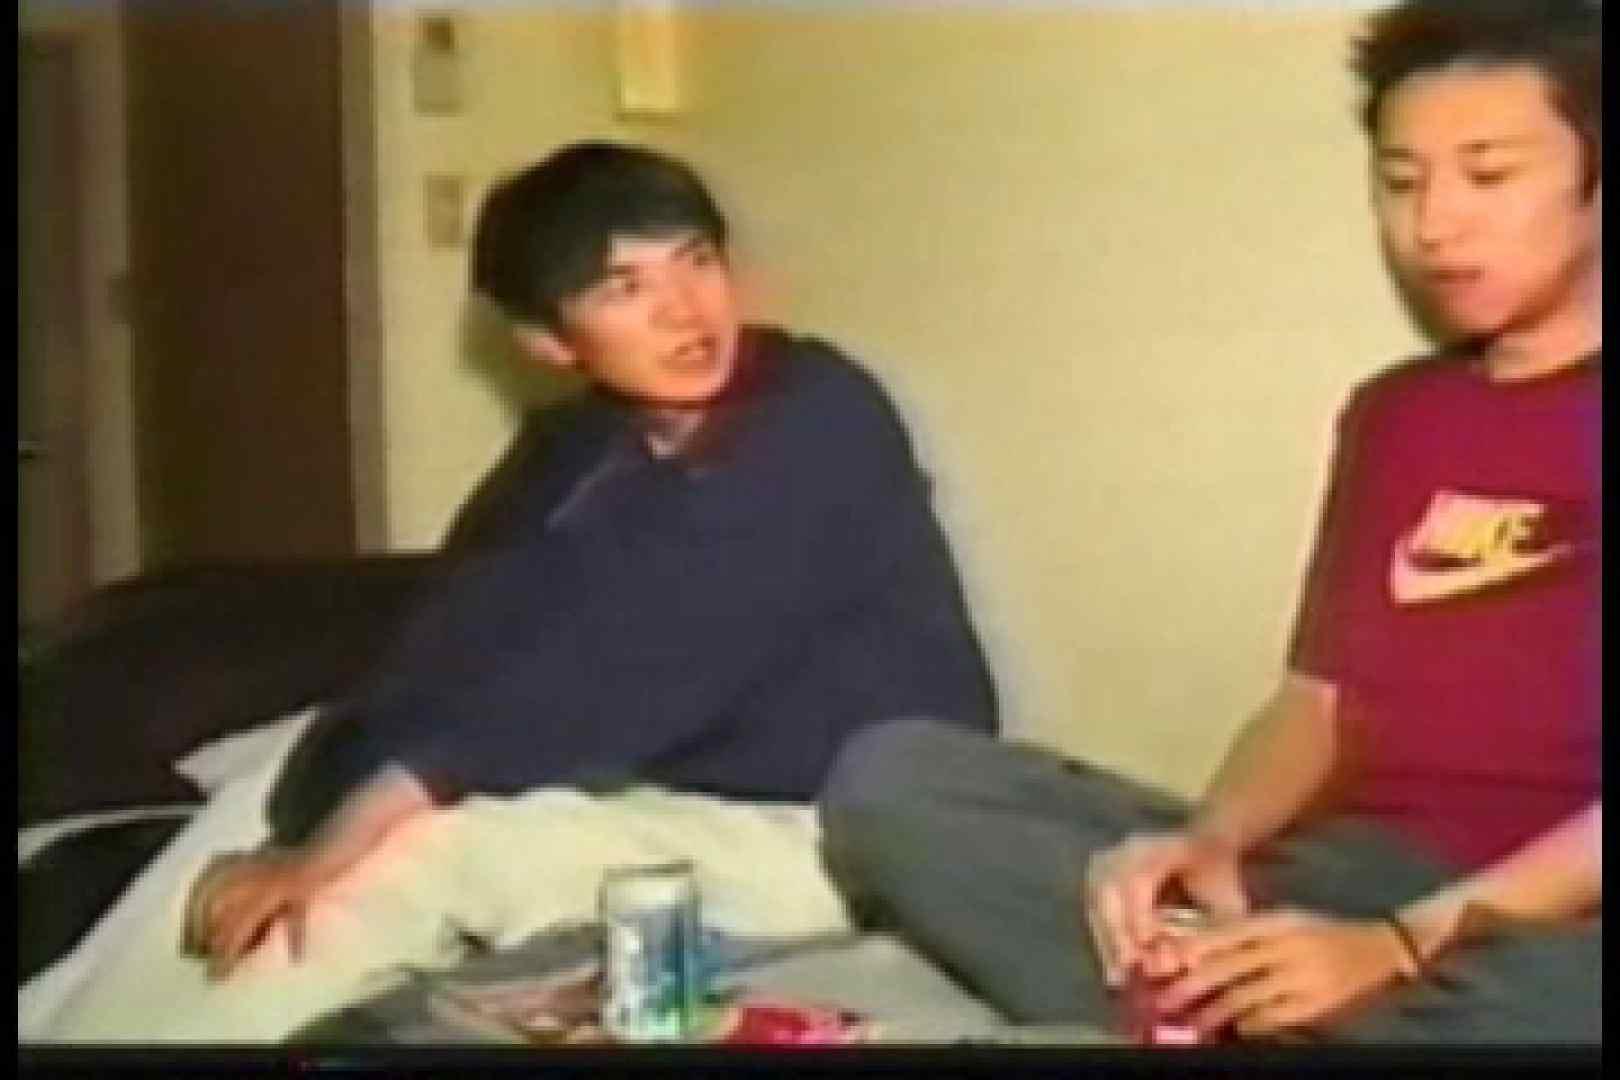 【個人撮影】俺の育てた若い子2人オナニーとファック 個人撮影   ゲイのオナニー映像  82枚 4